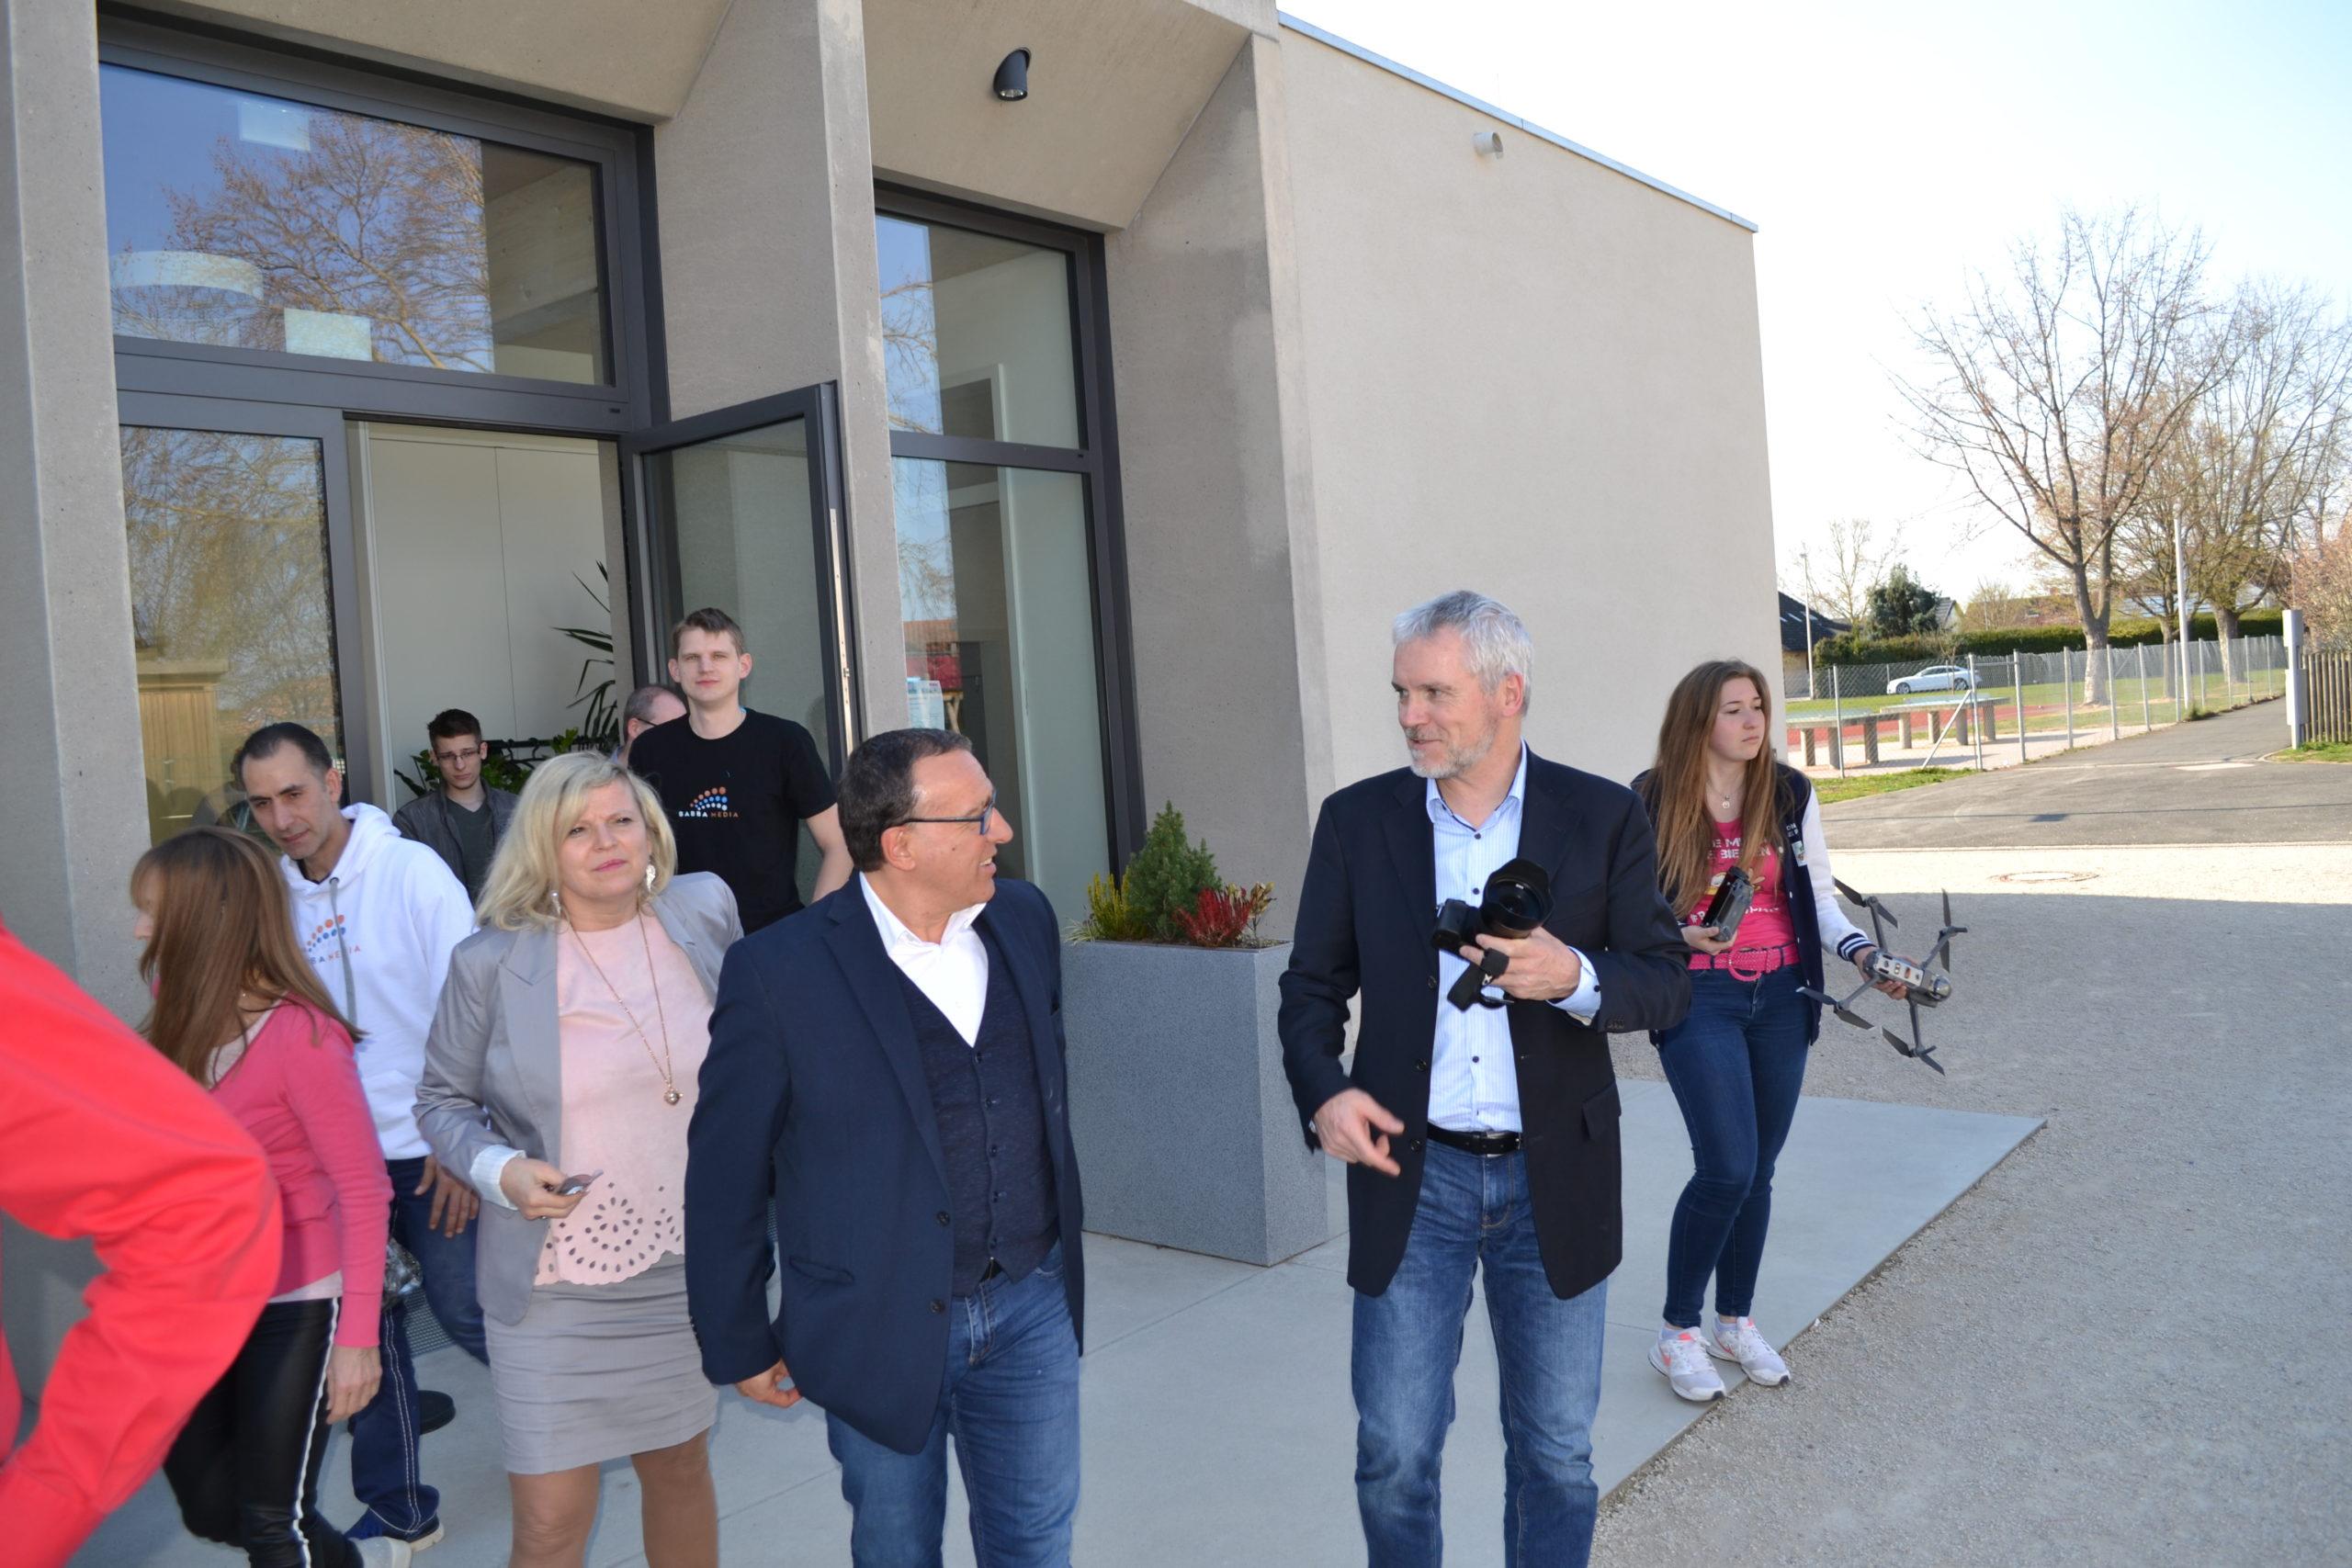 Peter Oertwig, Martin Hillenbrand, Mario Höhn und Svend Krumnacker auf dem Babba Business Day 2019 in Großostheim